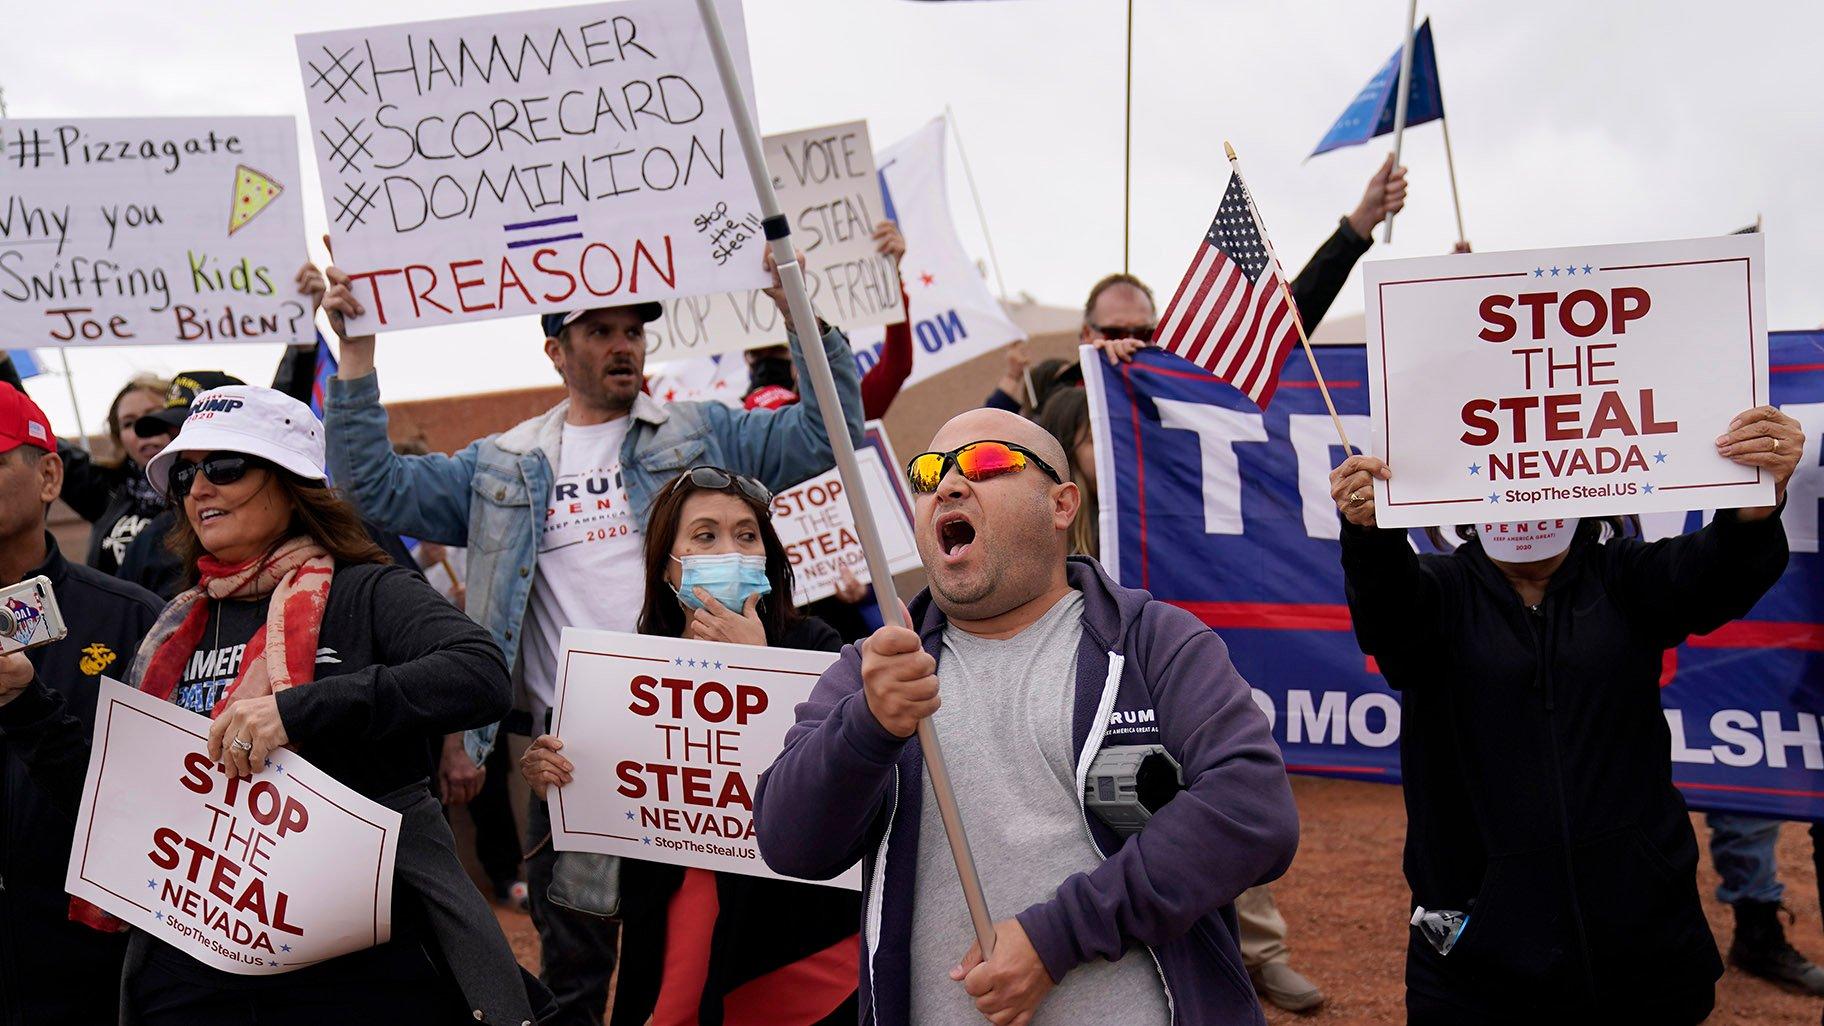 Phe biểu tình ủng hộ ông Trump sẽ ùa về thủ đô Washington trong ngày 14/11 - Ảnh 1.